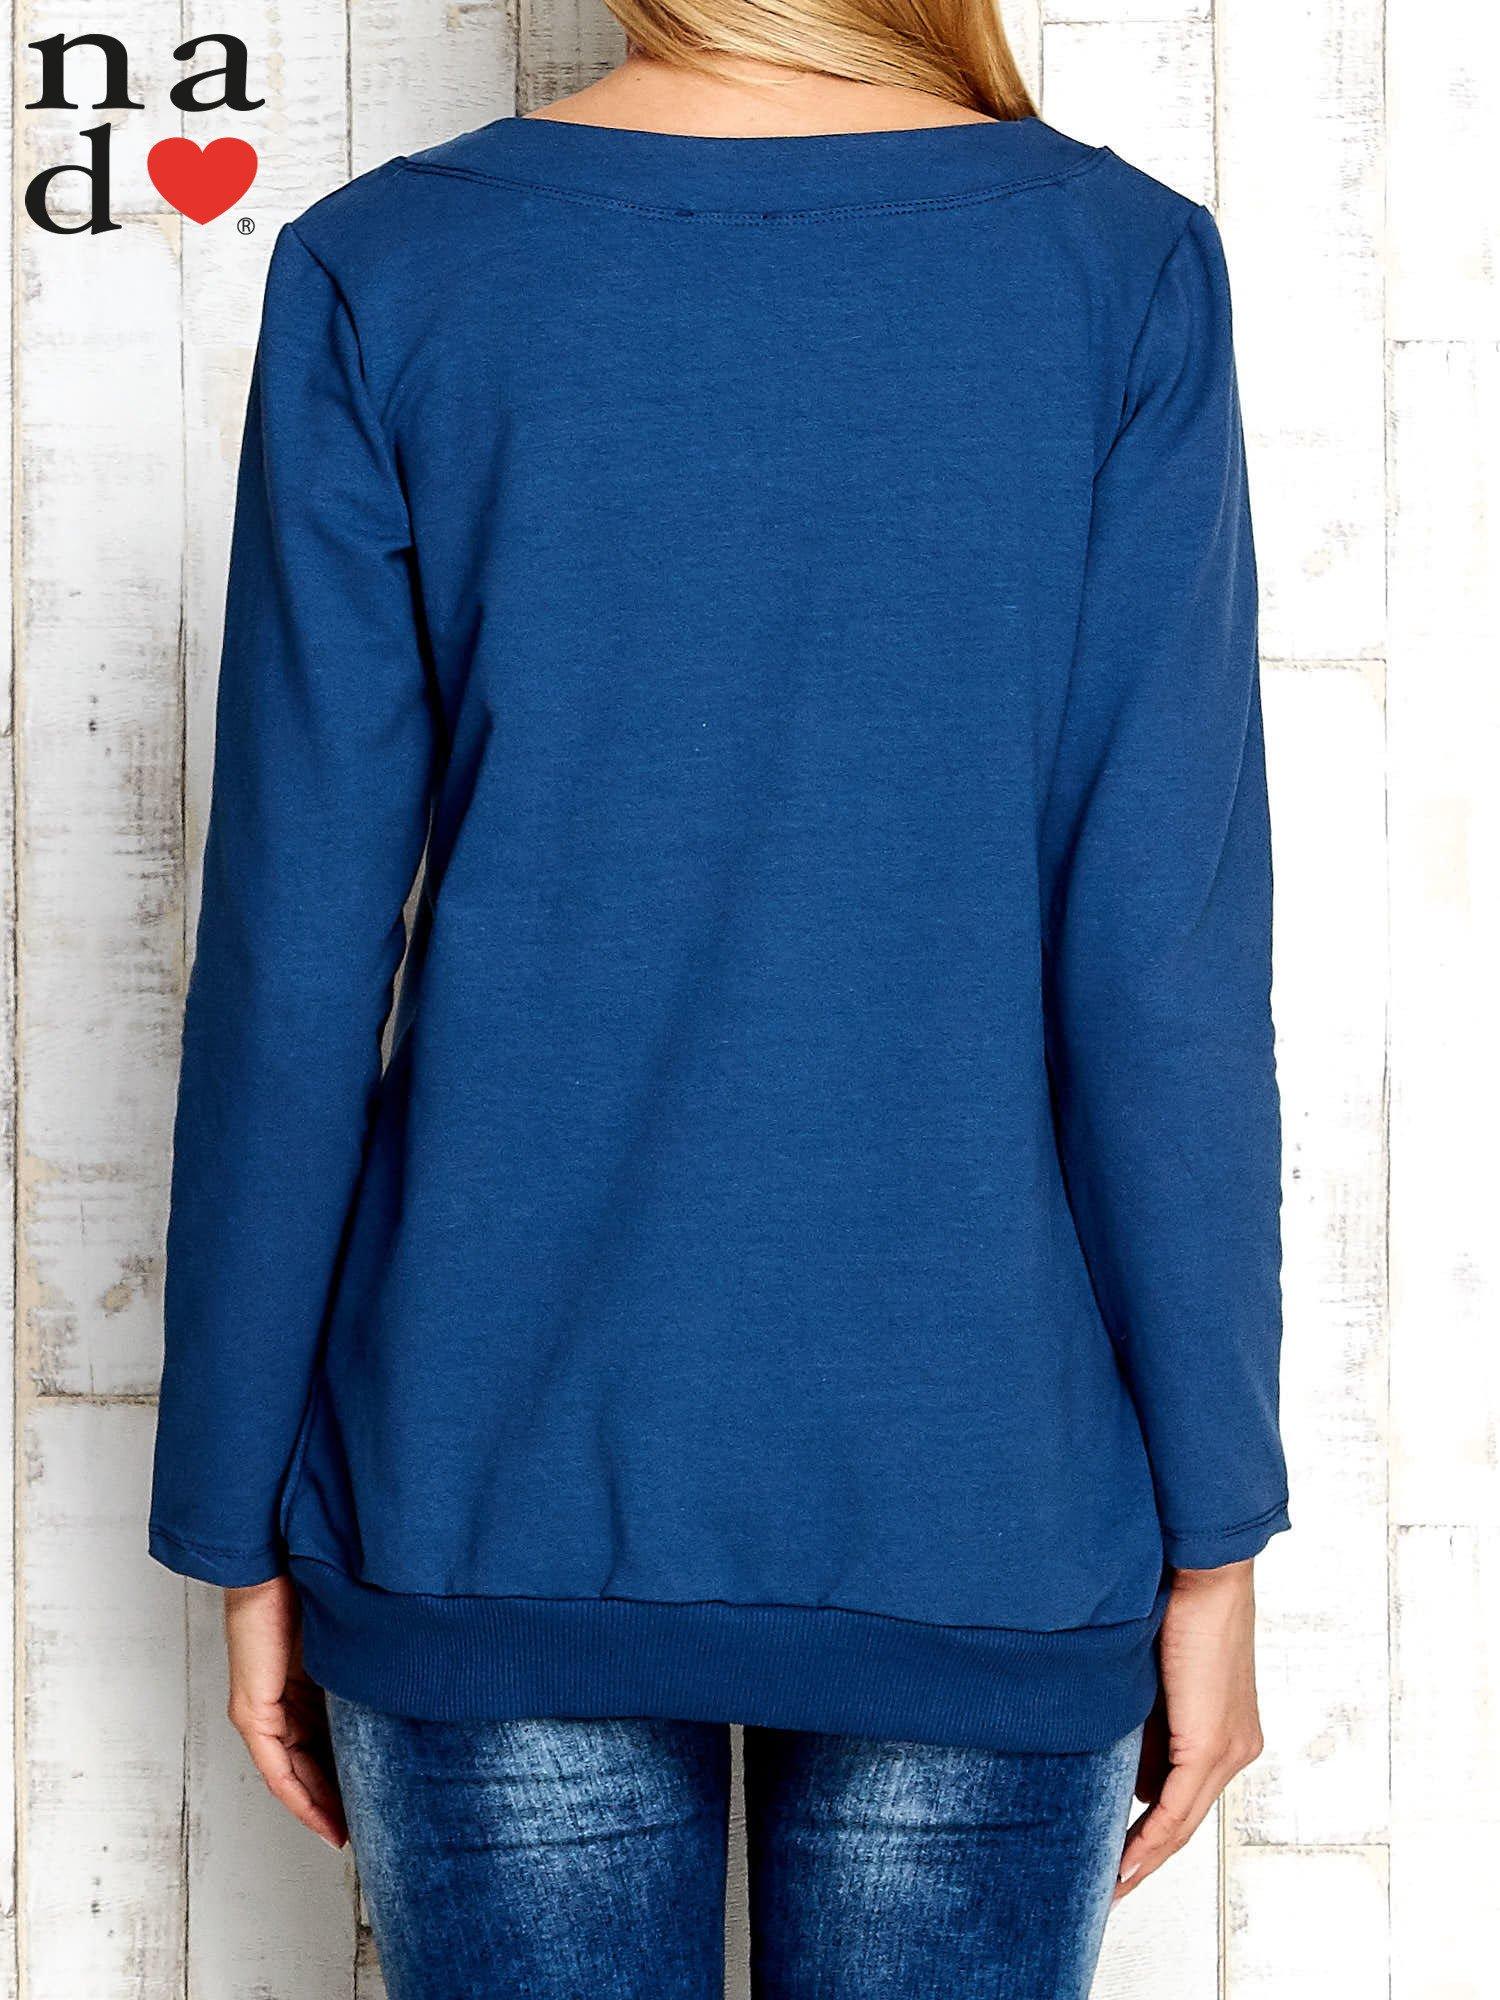 Ciemnoniebieska bluza z dekoltem w łódkę                                  zdj.                                  4